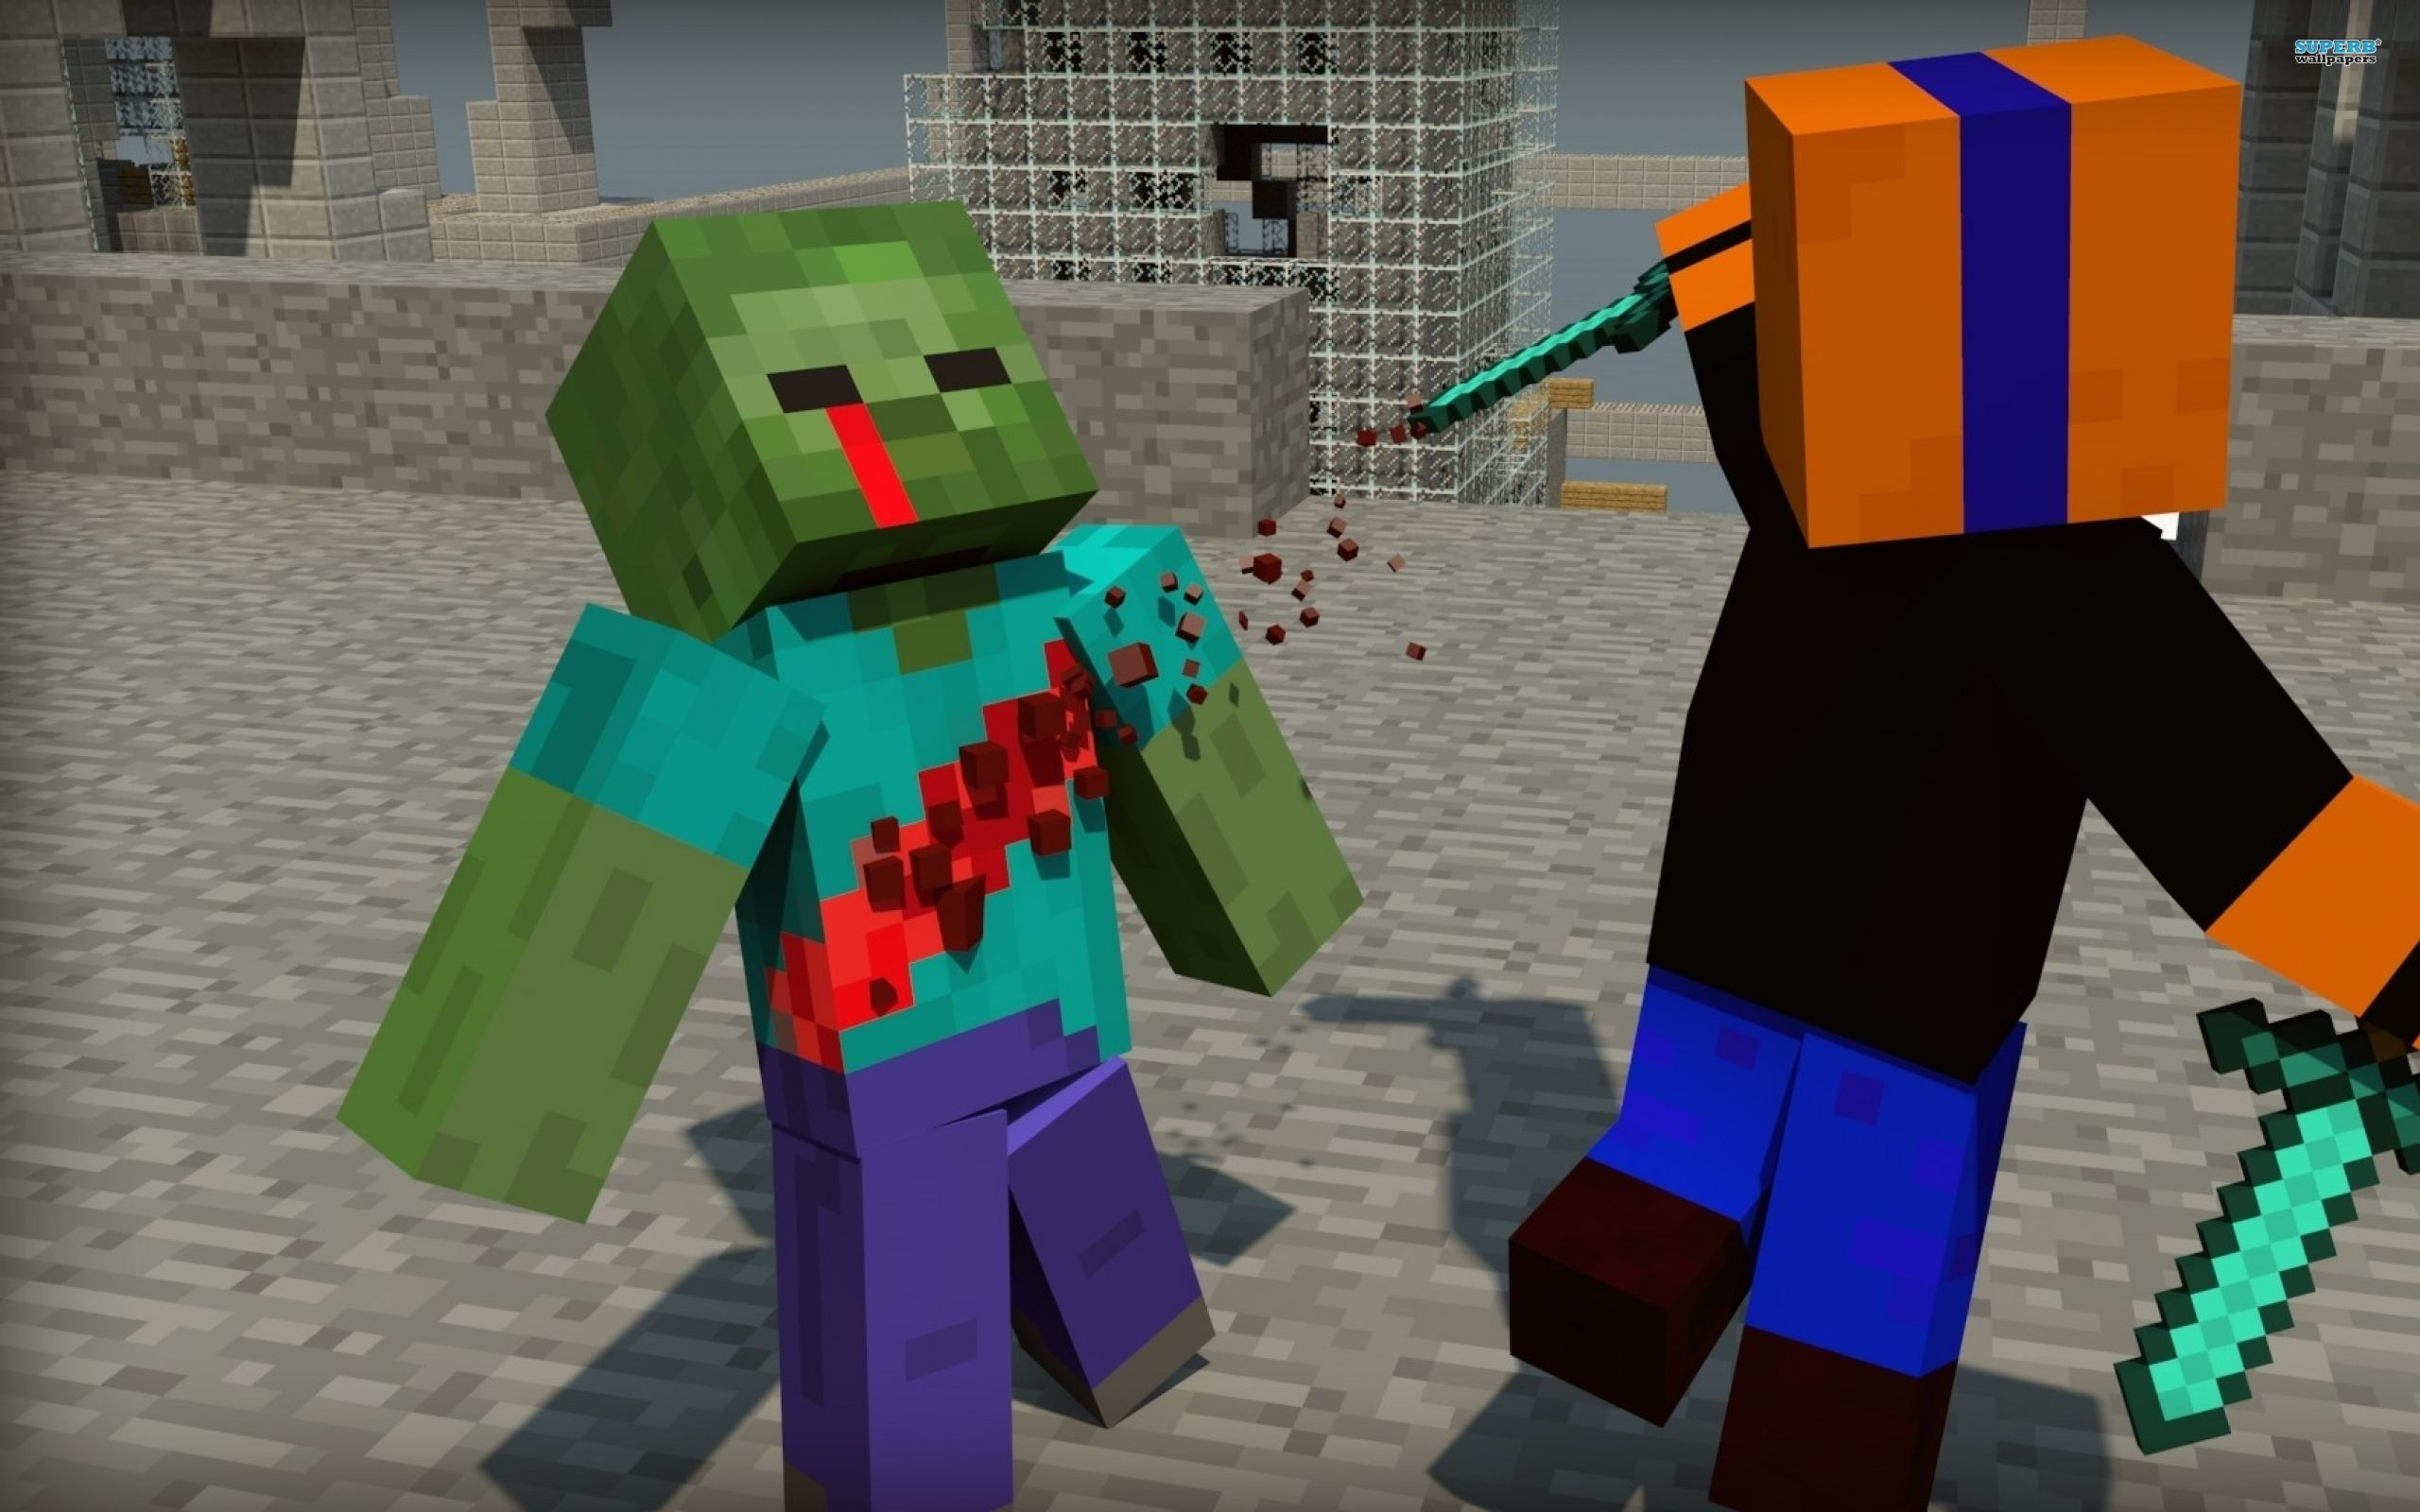 Great Wallpaper Minecraft Google - f8365b98de4f19fdf0e5f180169f800f  Collection_434891.jpg